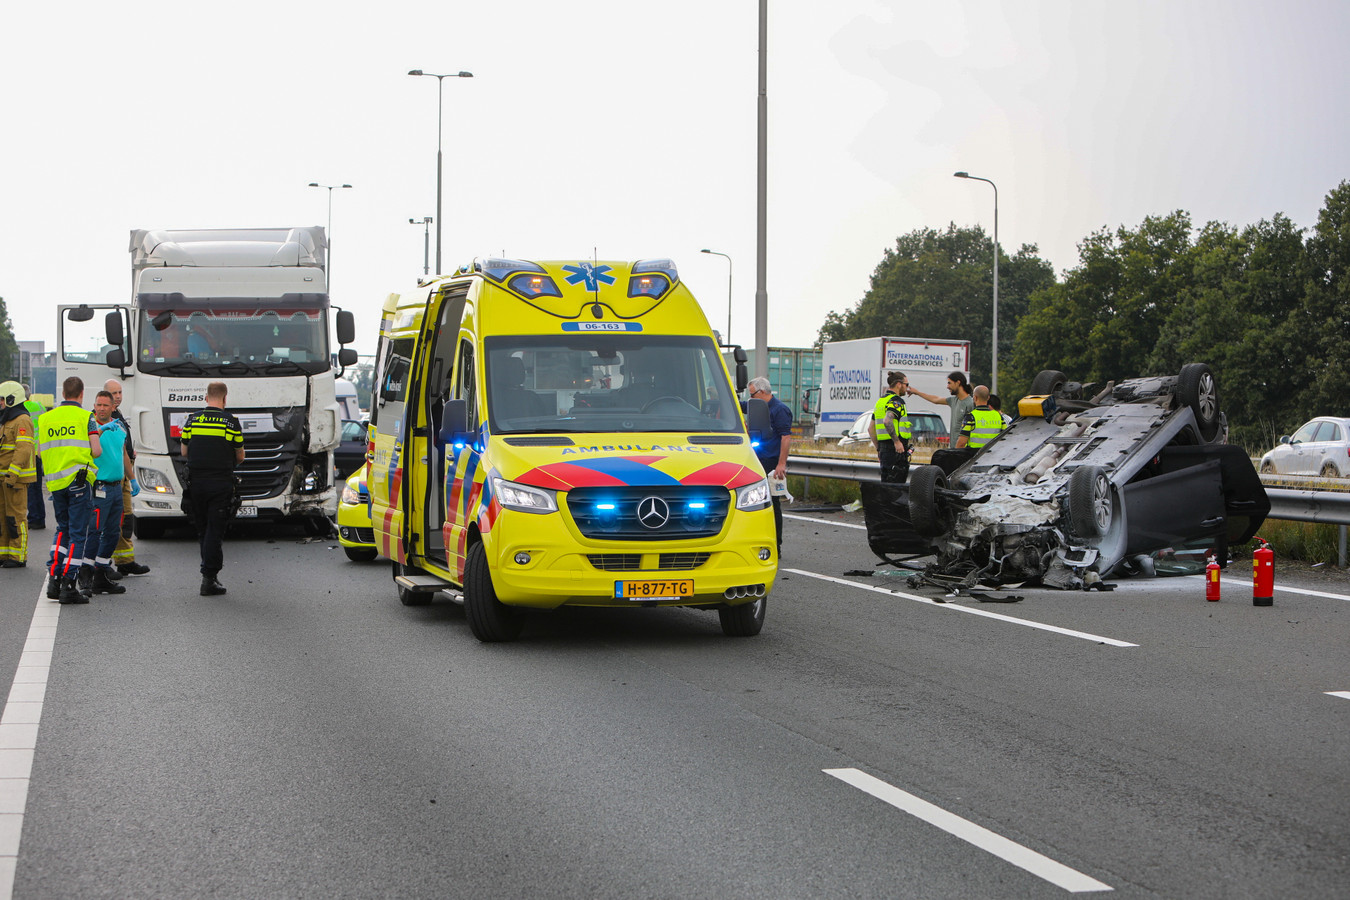 Ongeval op de A1 van Apeldoorn naar Deventer, de politie praat met een getuige.